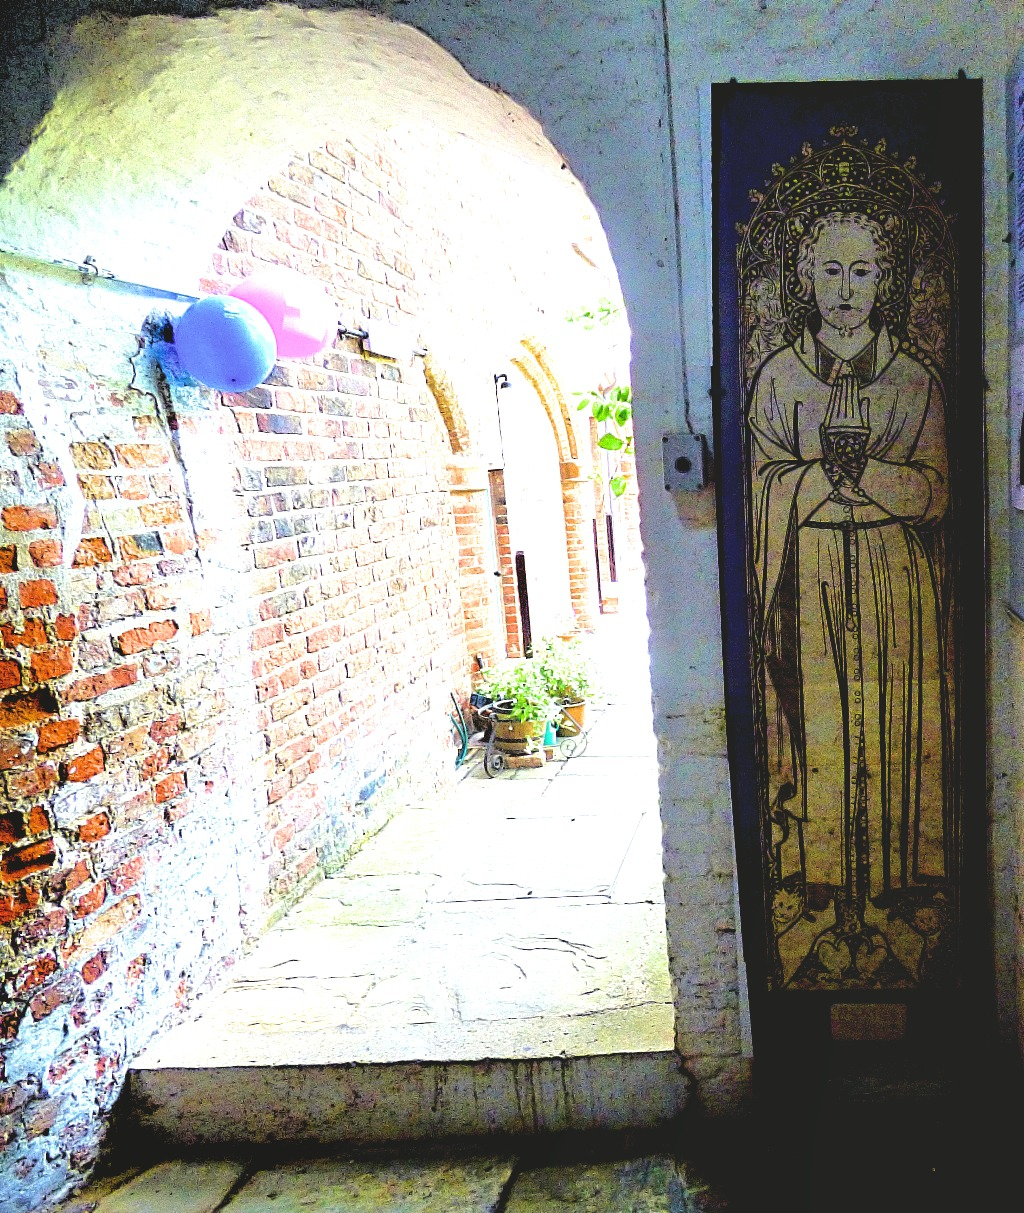 Entrance to secret garden